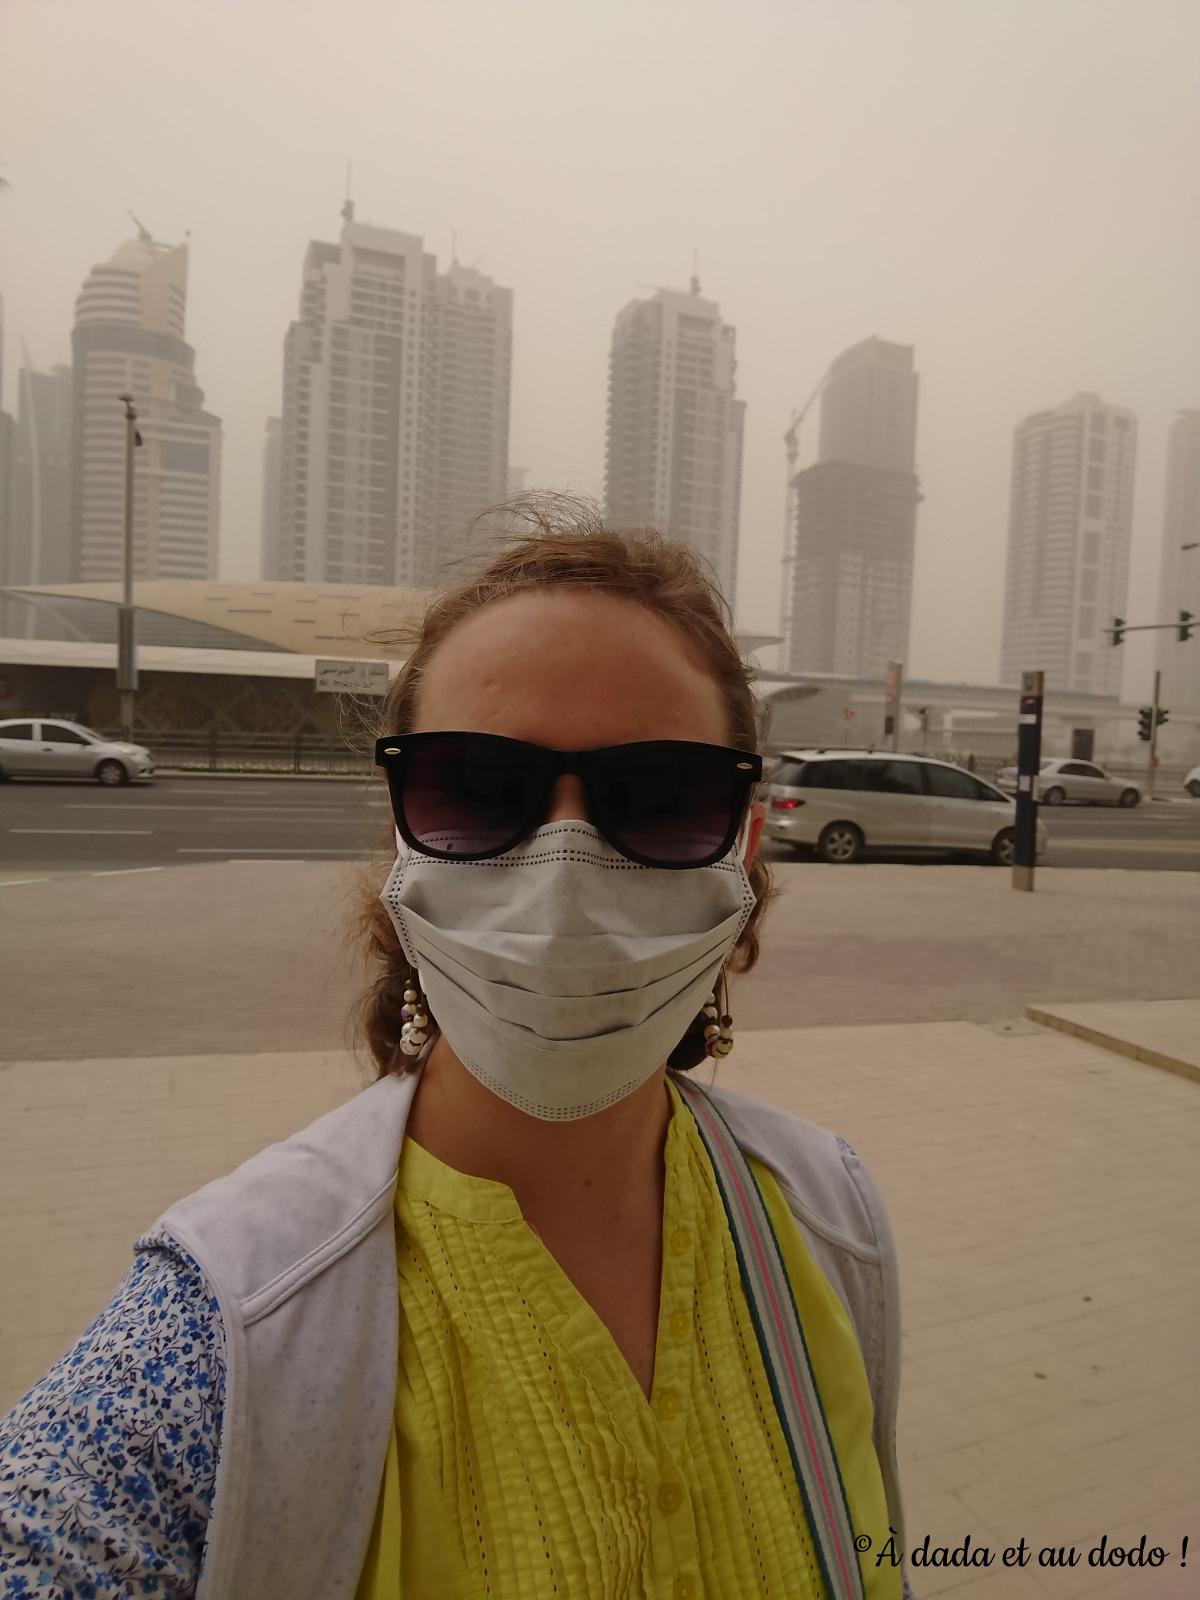 sortir pendant une tempête de sable